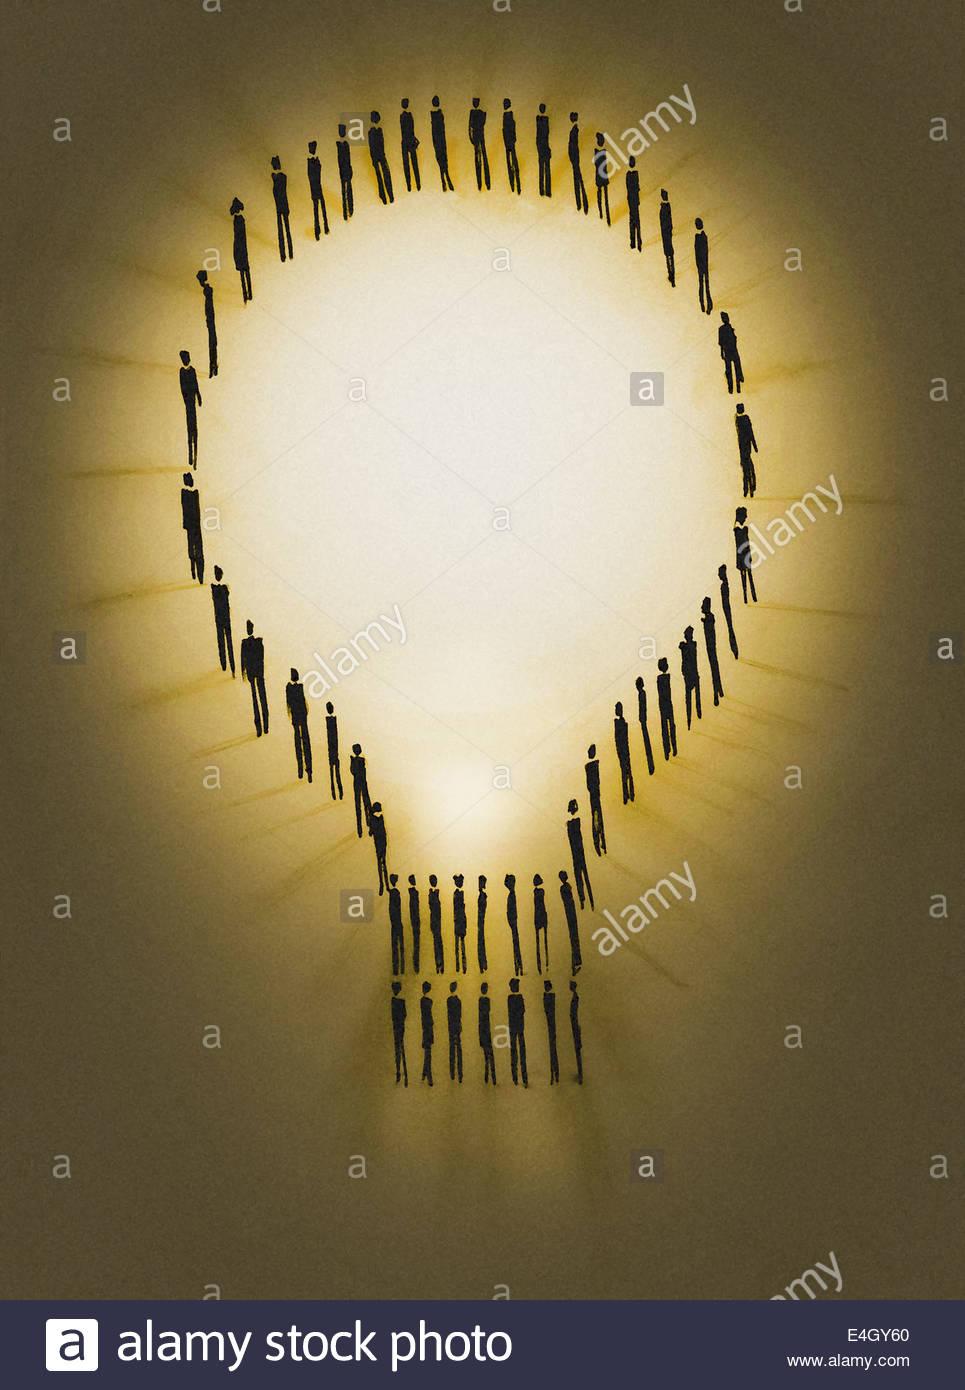 Menschen gliedern leuchtende Glühbirne Stockbild